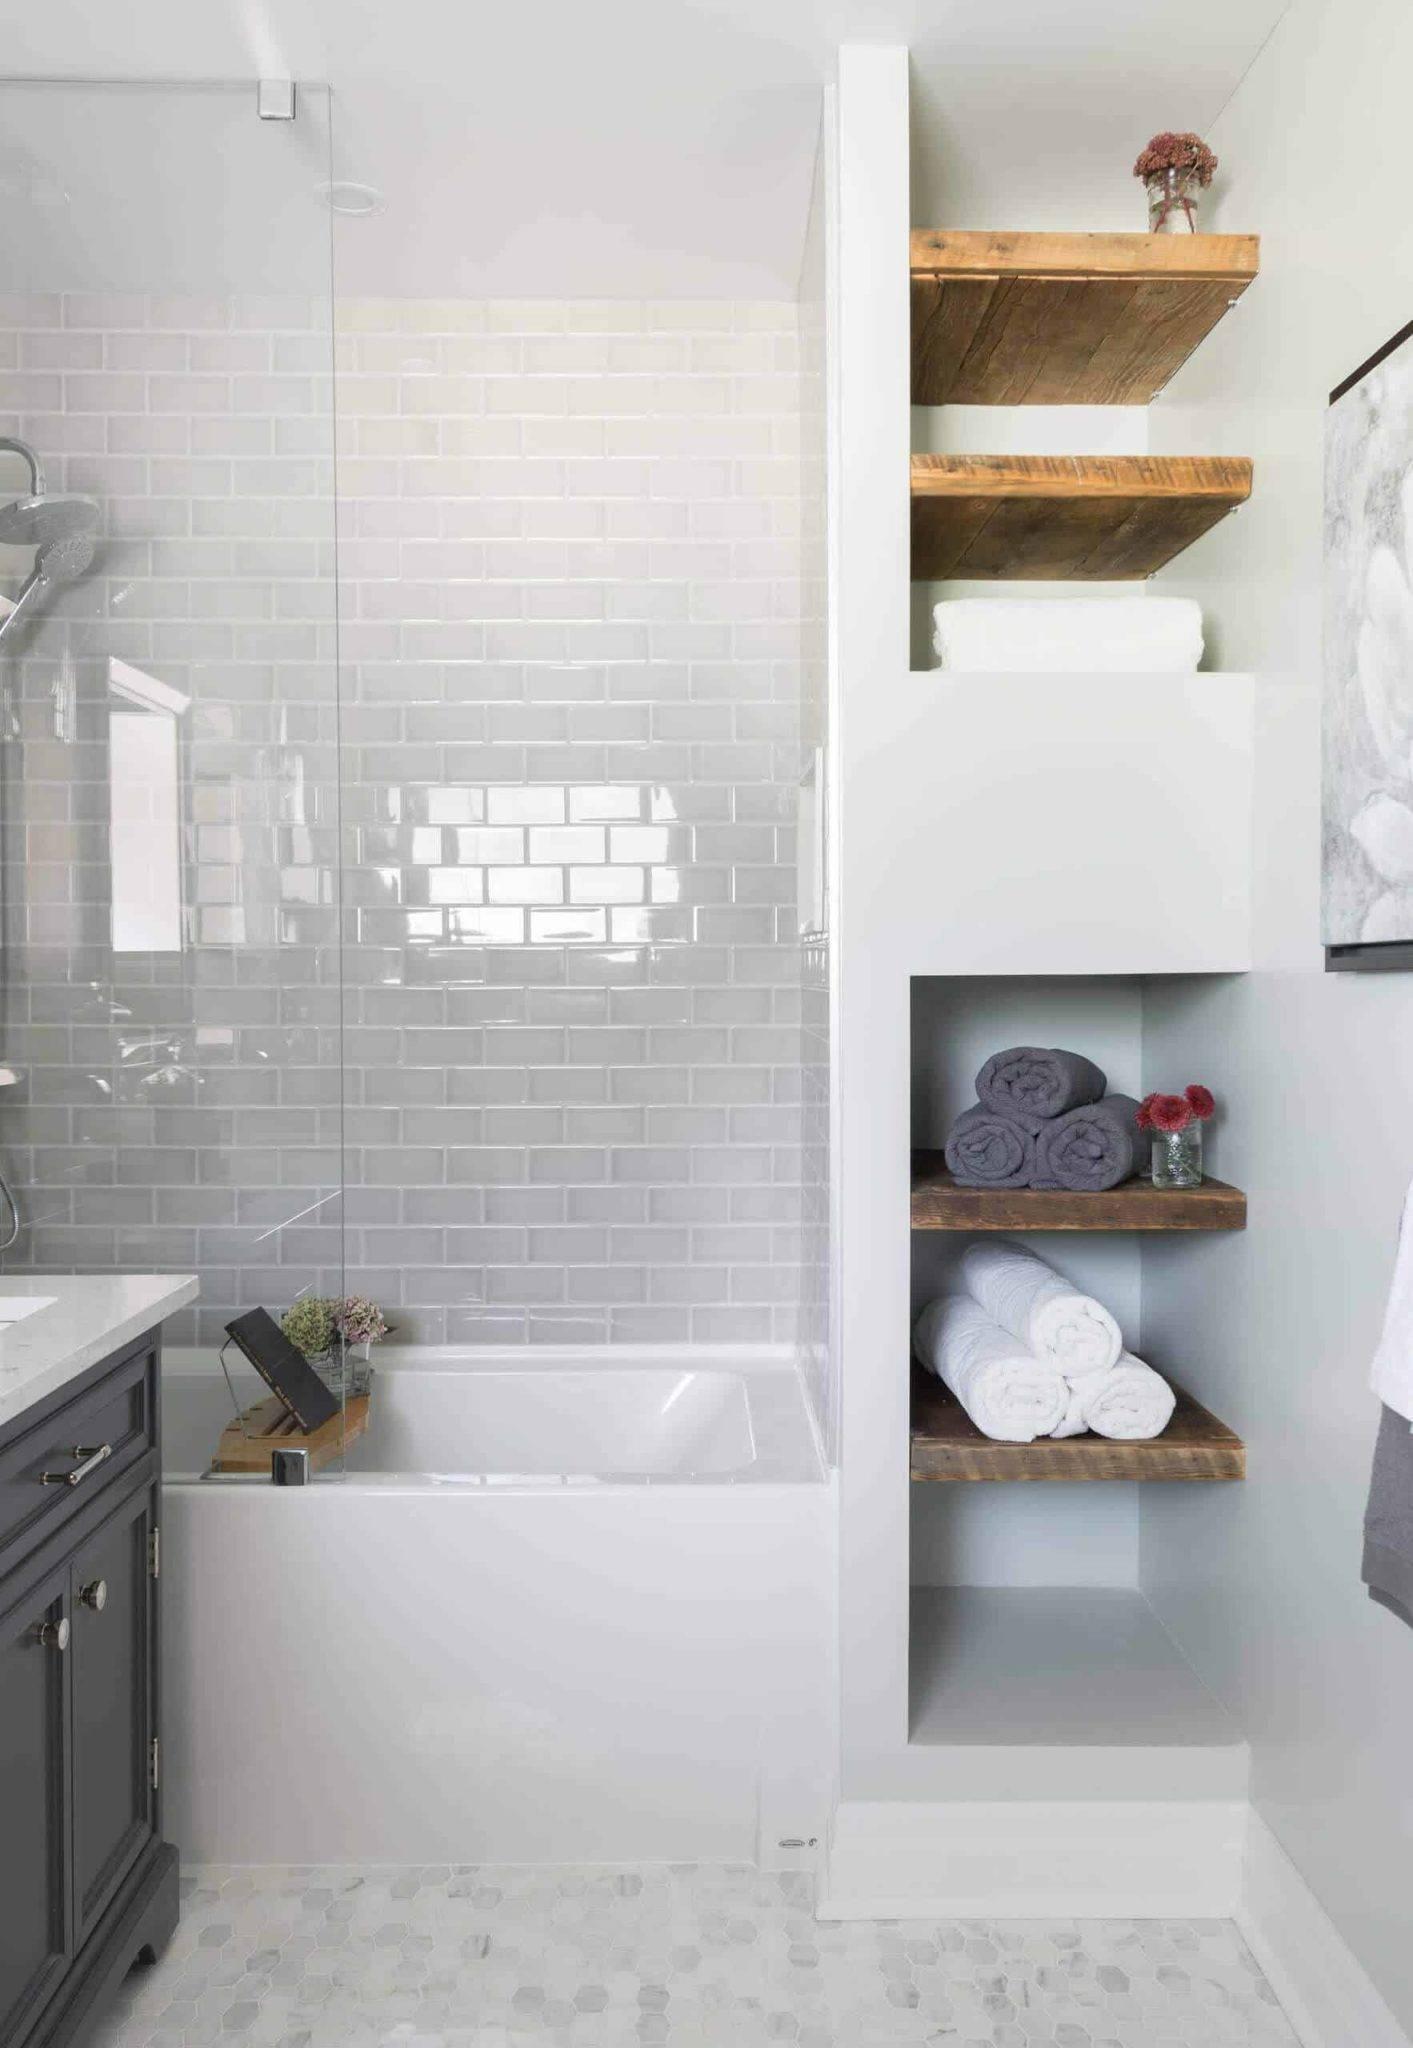 Ý tưởng lưu trữ khăn tắm thông minh giúp không gian vừa gọn gàng vừa sang trọng - Ảnh 3.